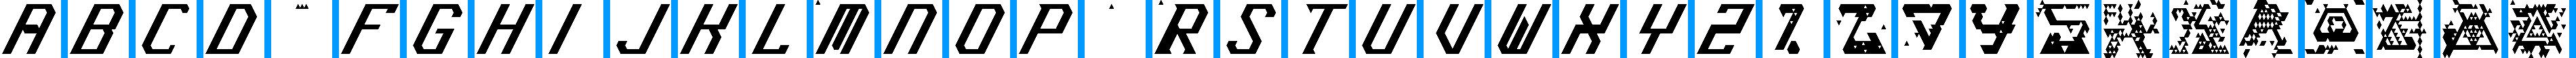 Particip-a-type v.246